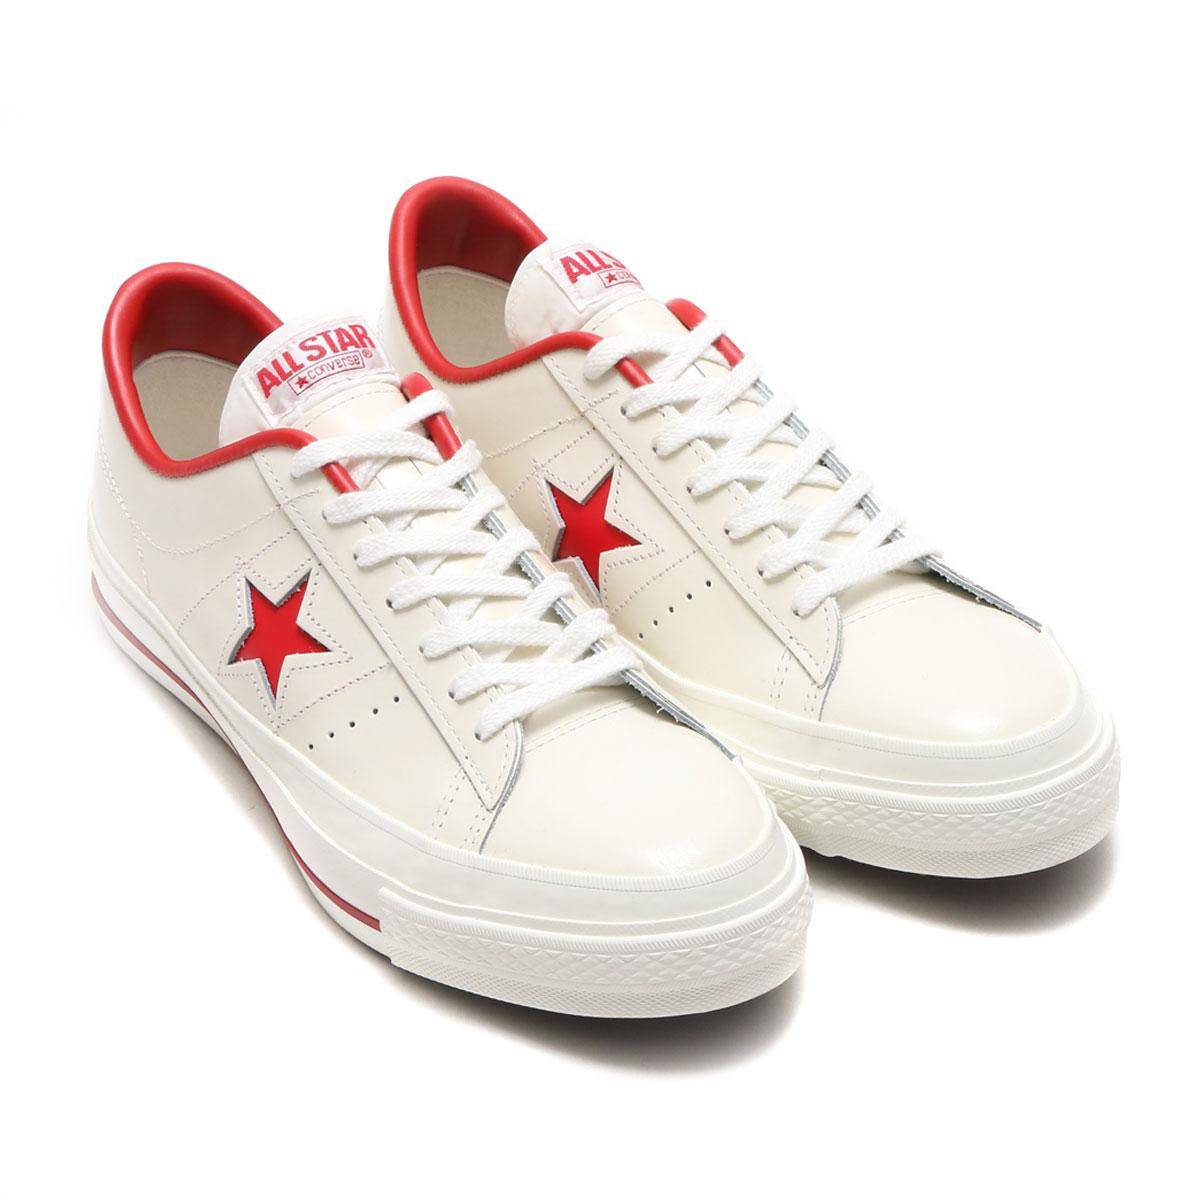 CONVERSE ONE STAR J (コンバース ワン スター J) ホワイト/レッド【メンズ レディース スニーカー】17FW-I